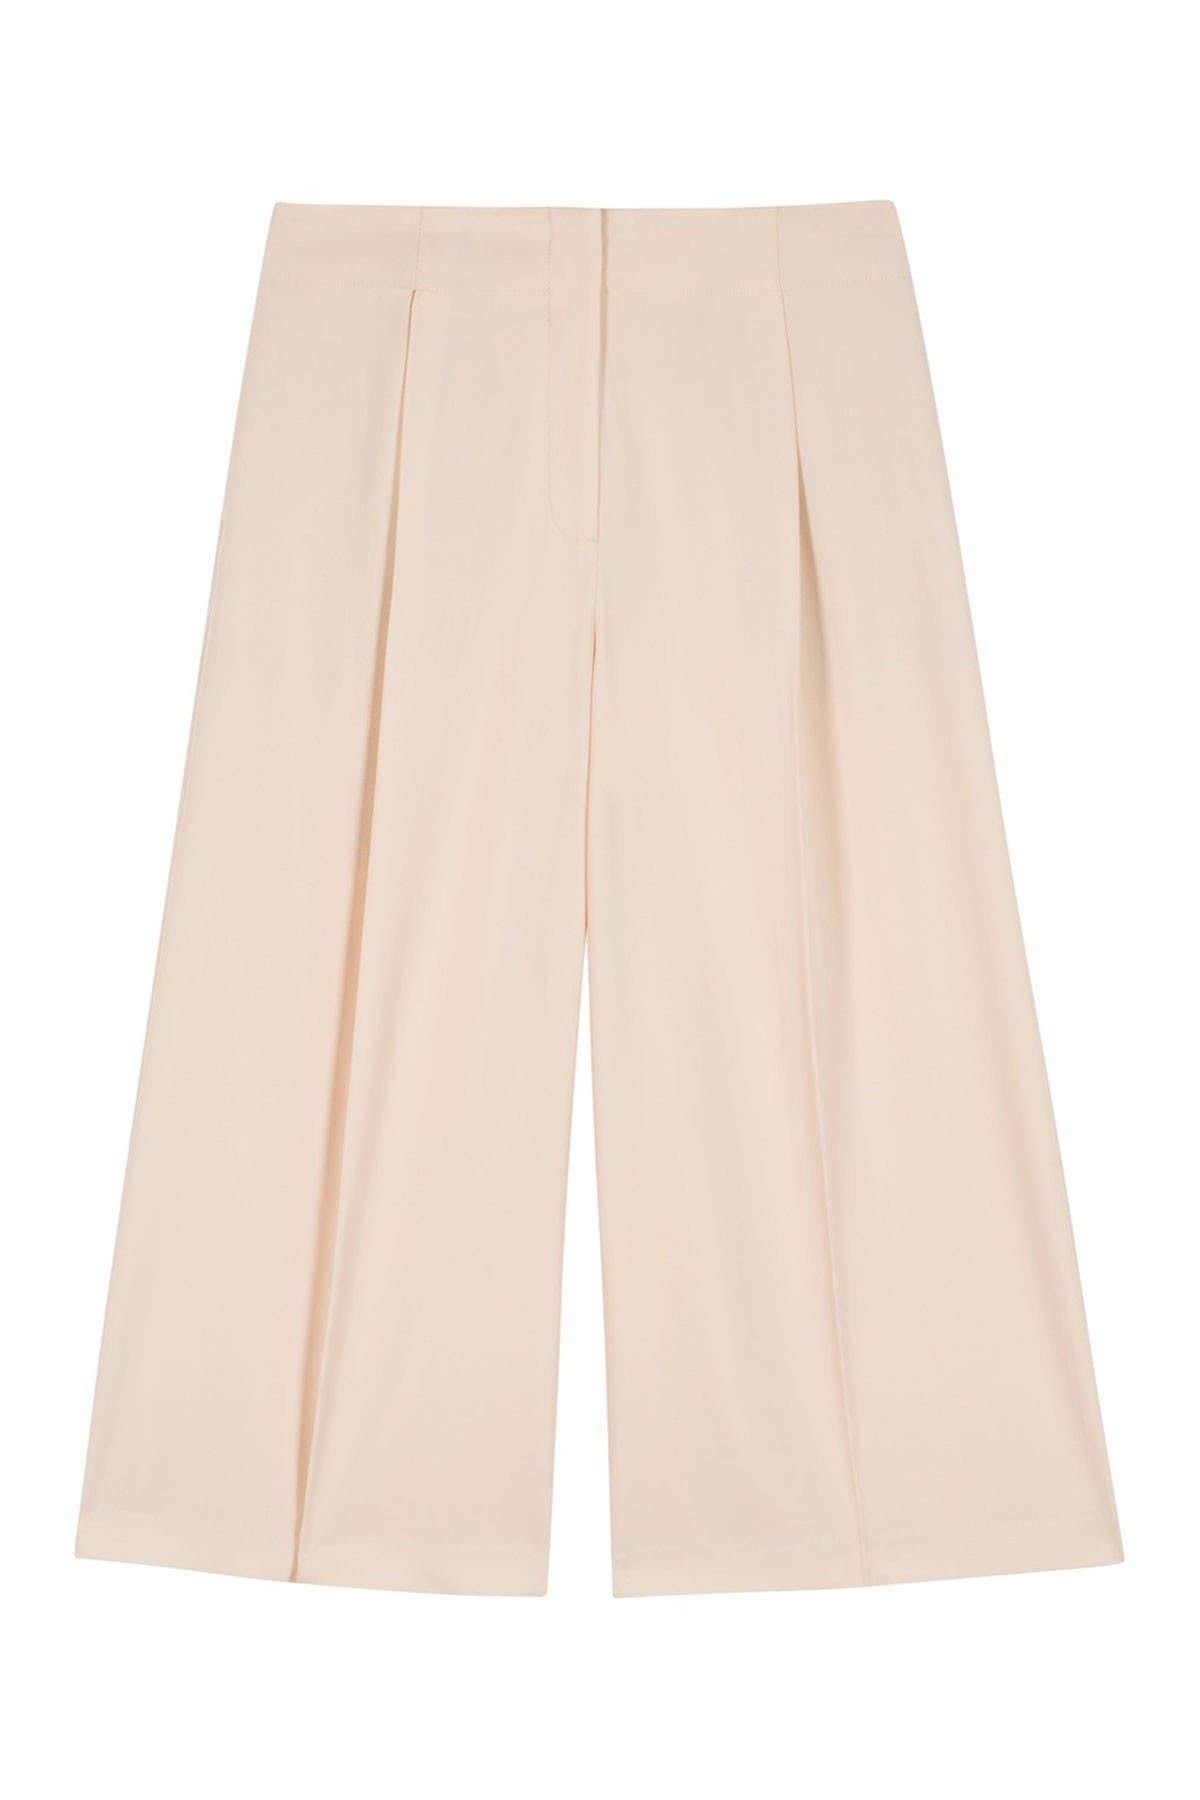 Image of SUISTUDIO Harvey Wool Culotte Trousers